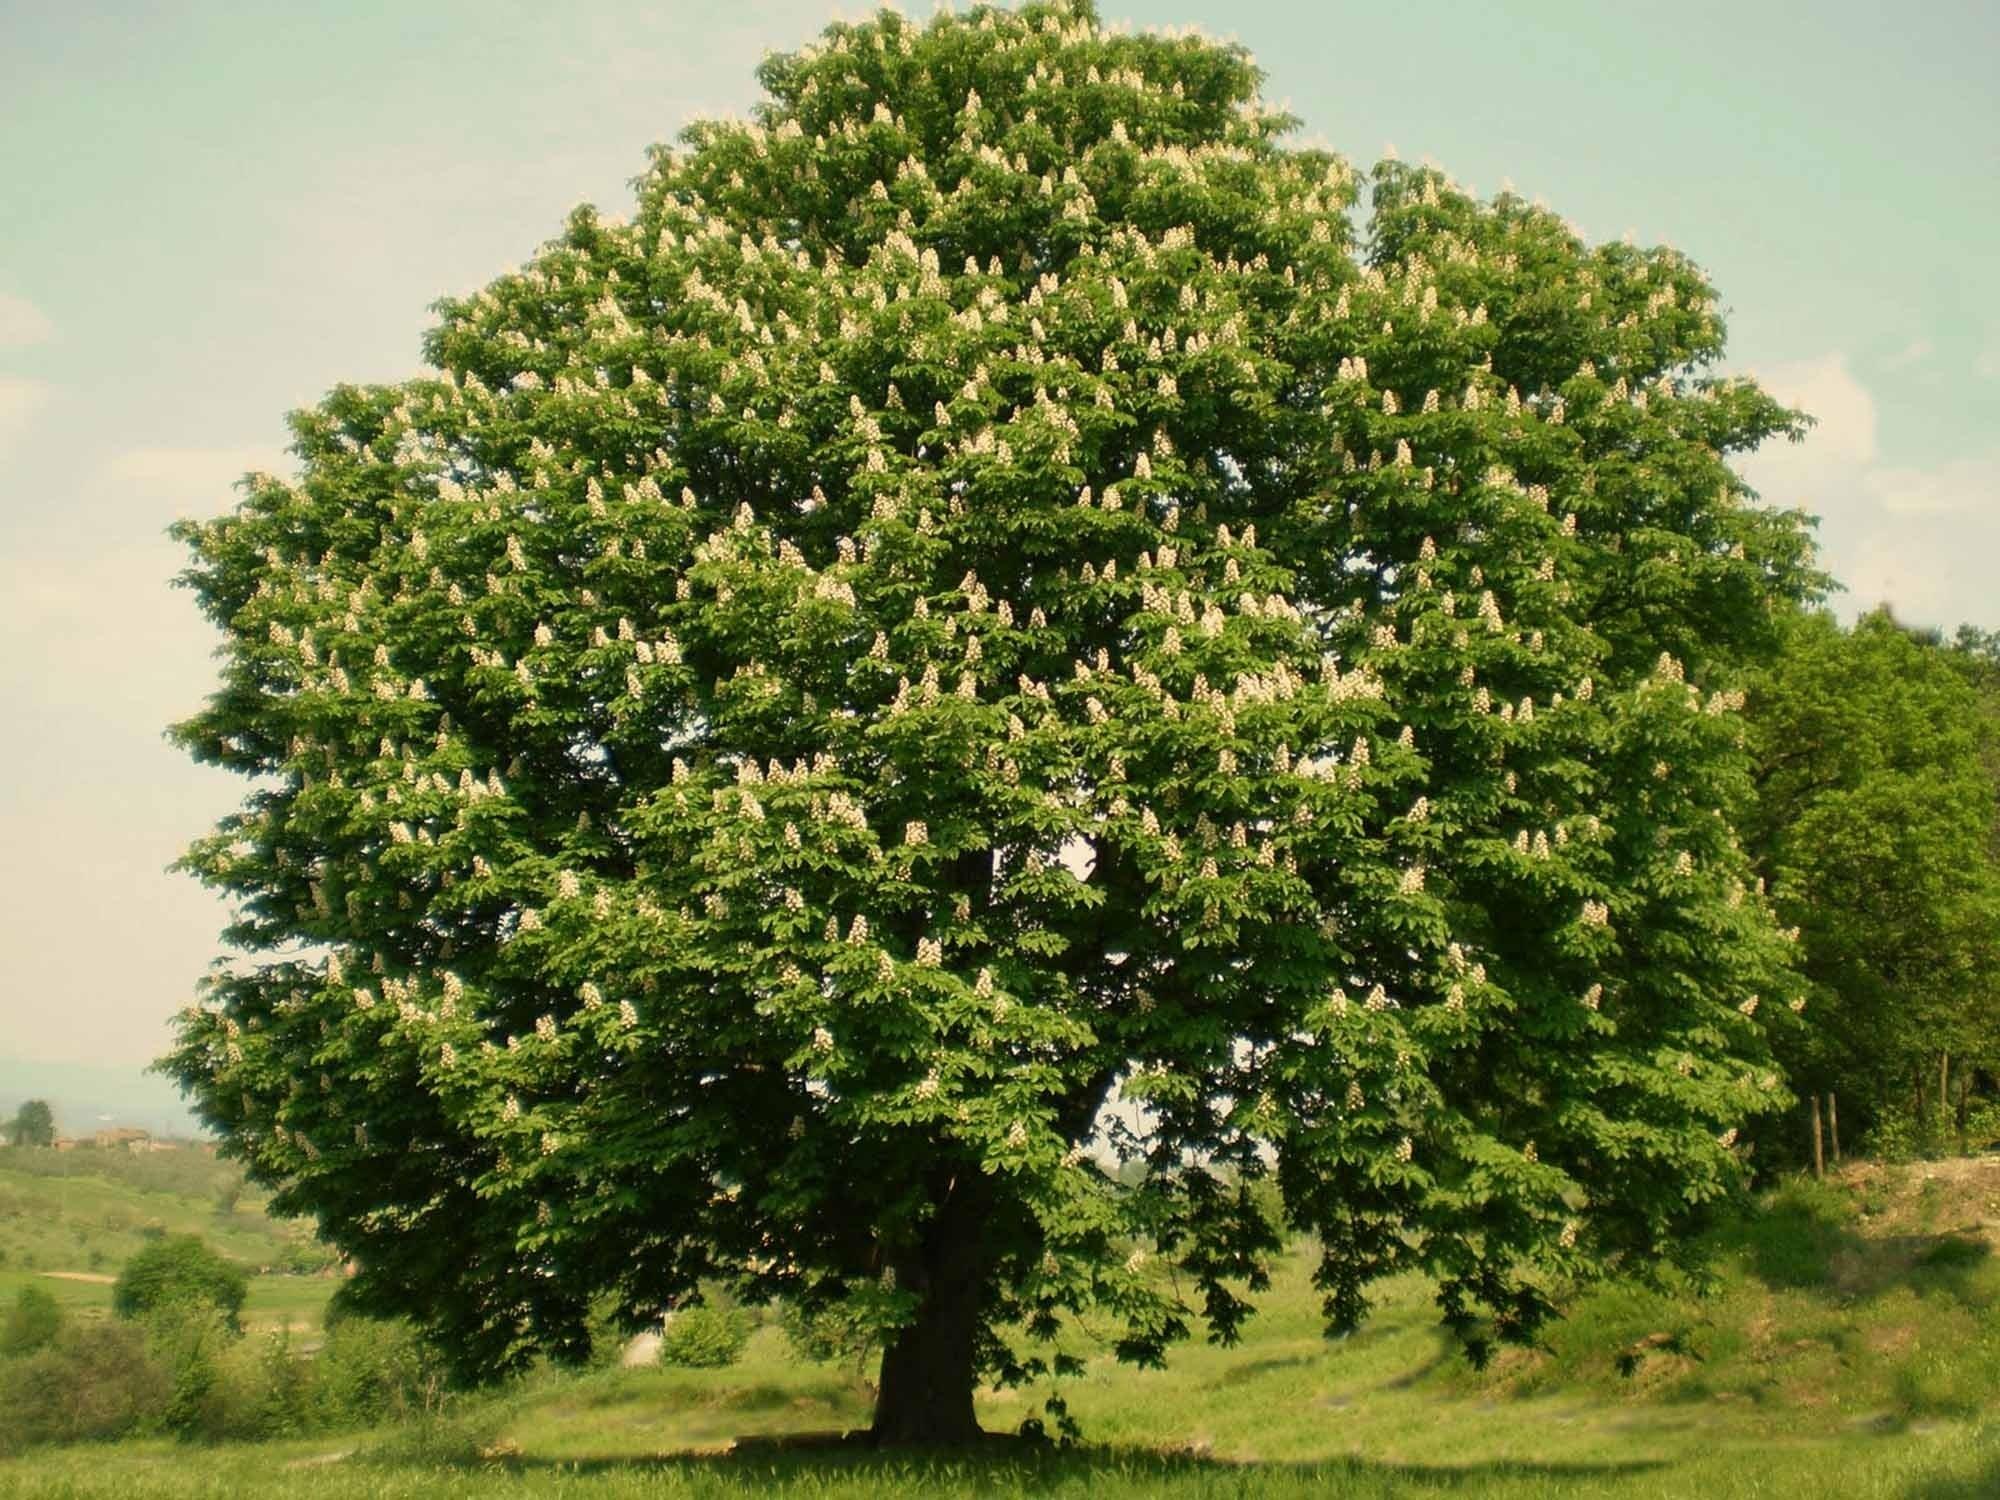 Malattie del castagno malattie delle piante conoscere for Alberi simili alle querce